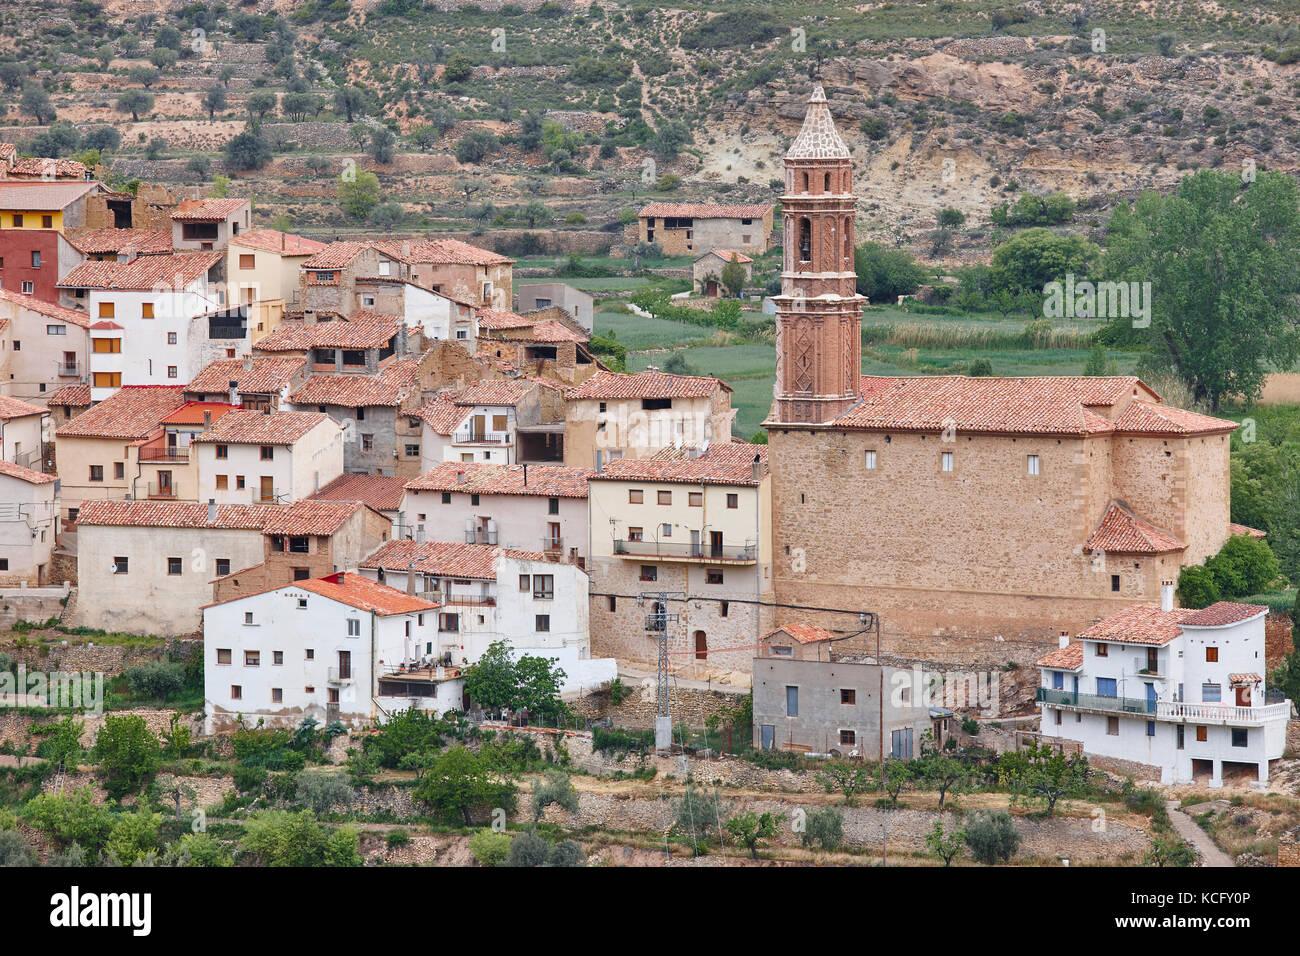 Tradicional pueblo con iglesia de piedra. seno, Teruel España. antecedentes de viajes Imagen De Stock